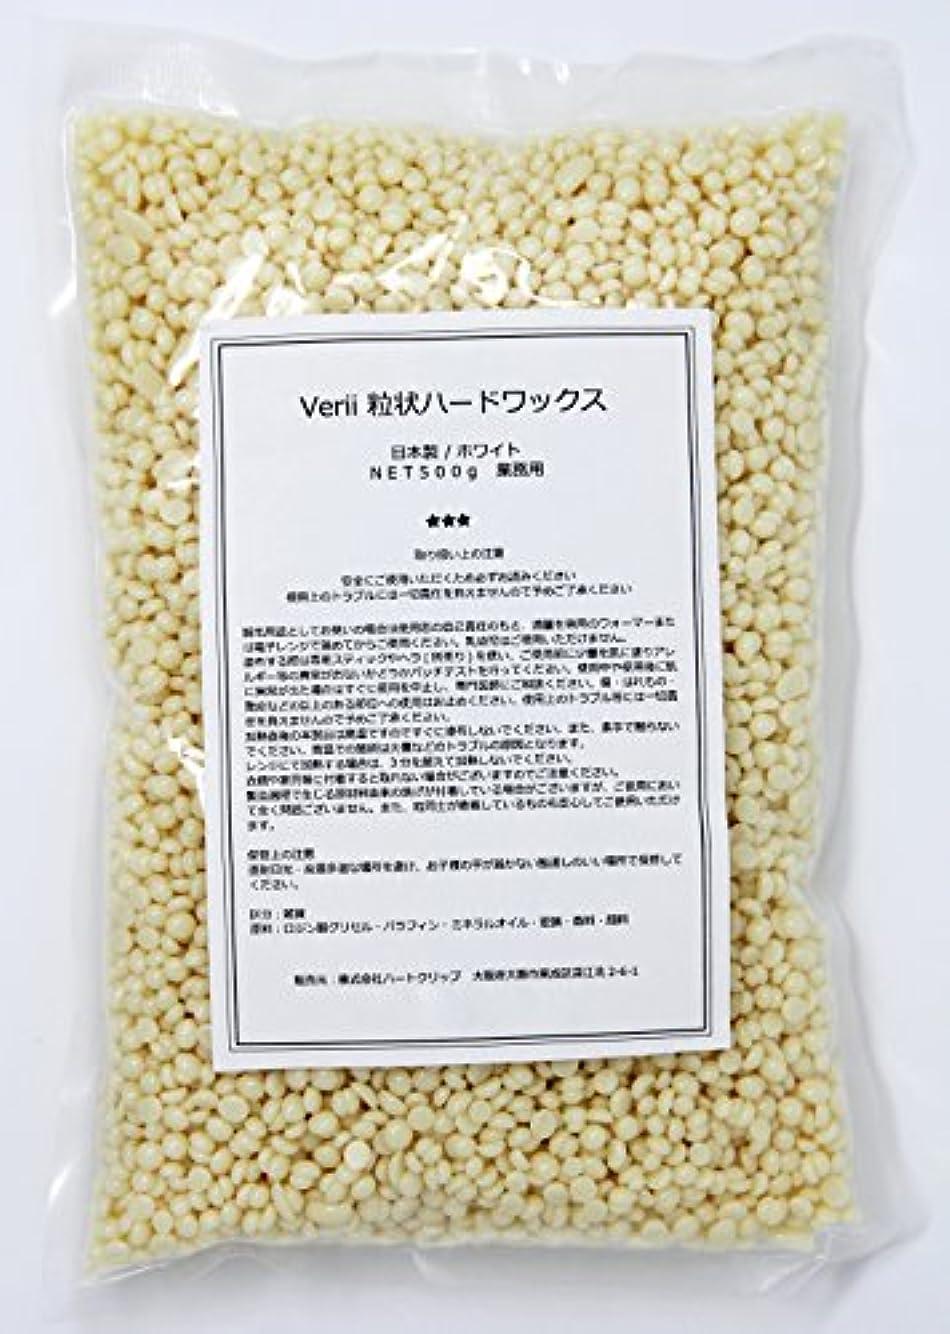 アクセスできない感動する割るVerii 【鼻毛ワックス】粒状ハードワックス ホワイト (500g)